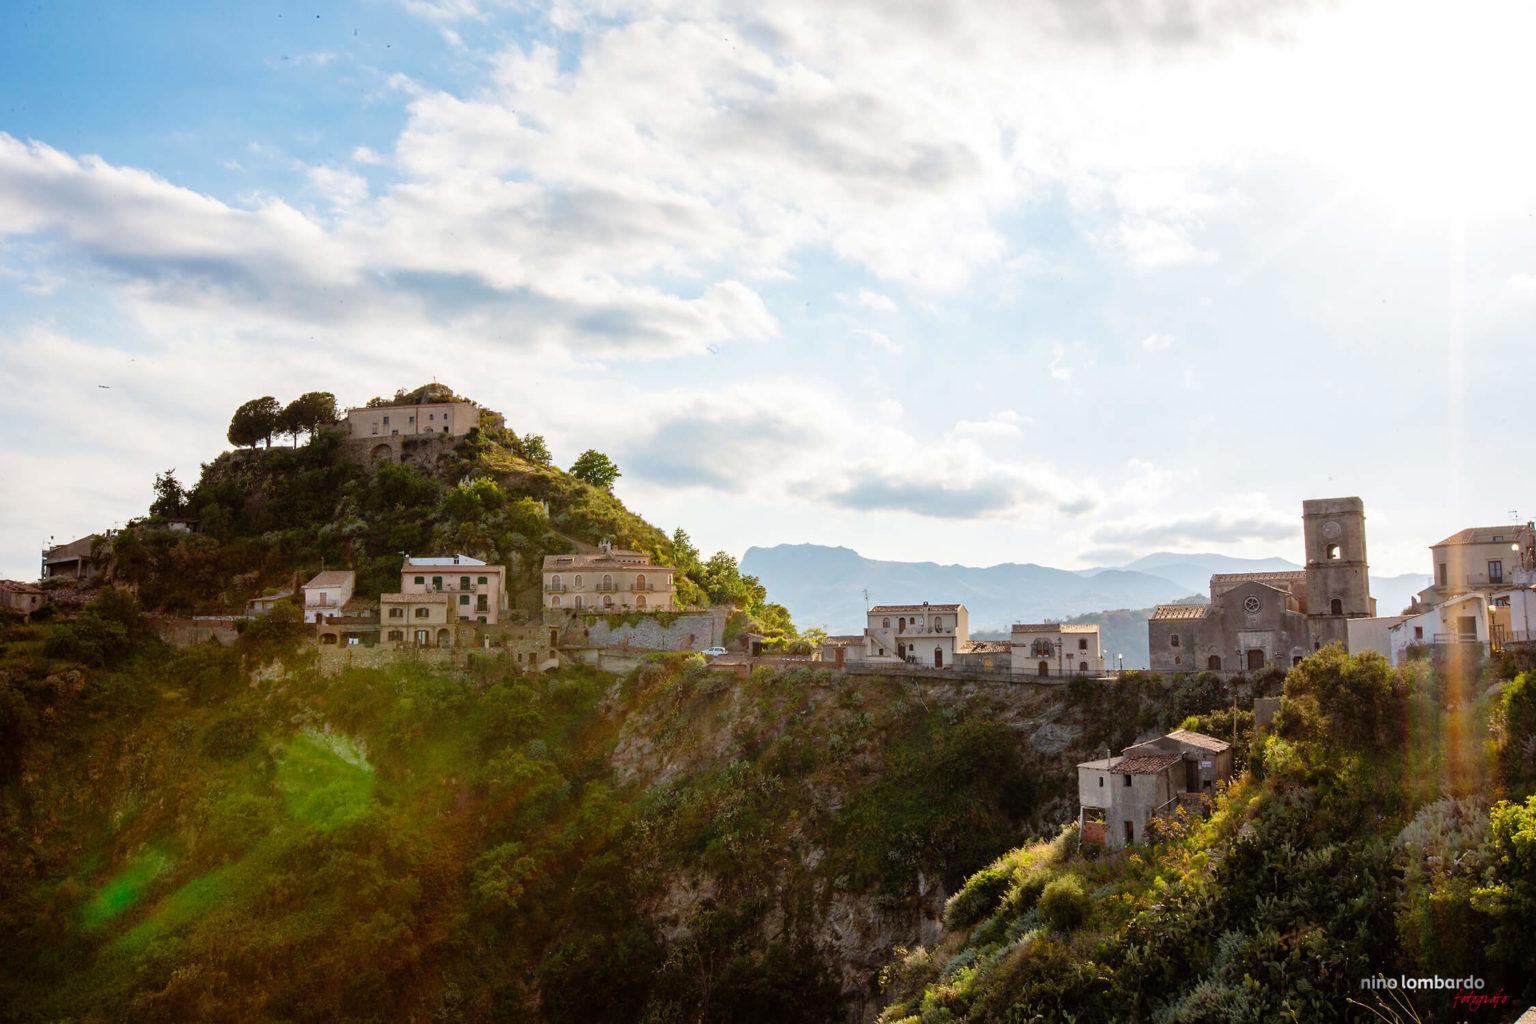 Savoca, picture landscape Borgo San Rocco Messina